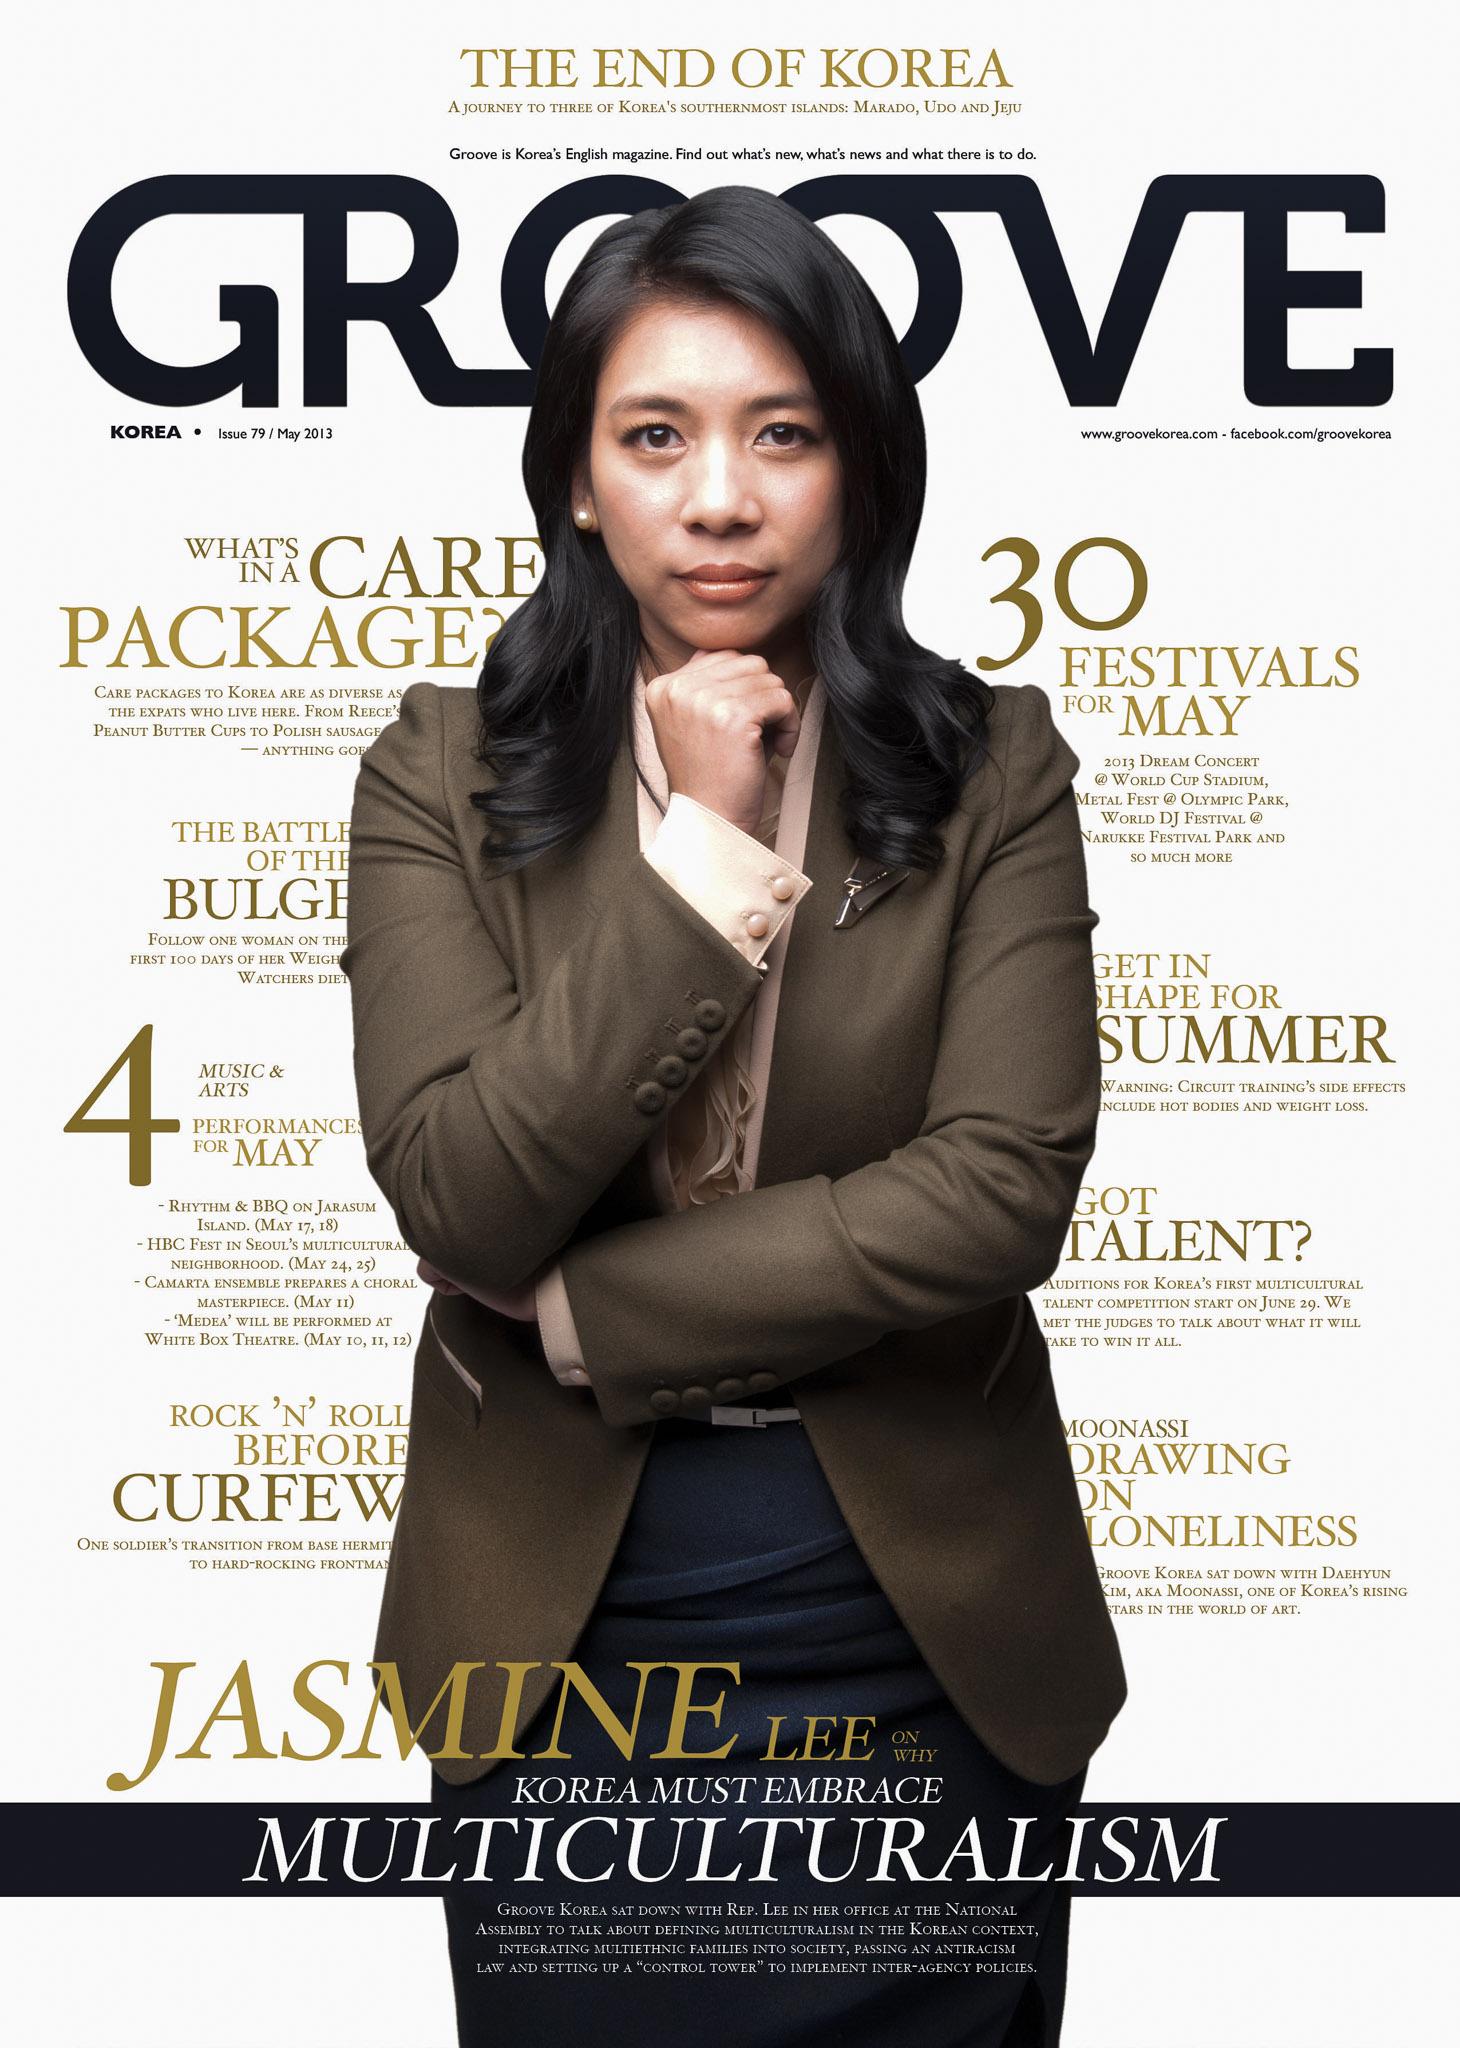 Jasmine Lee009